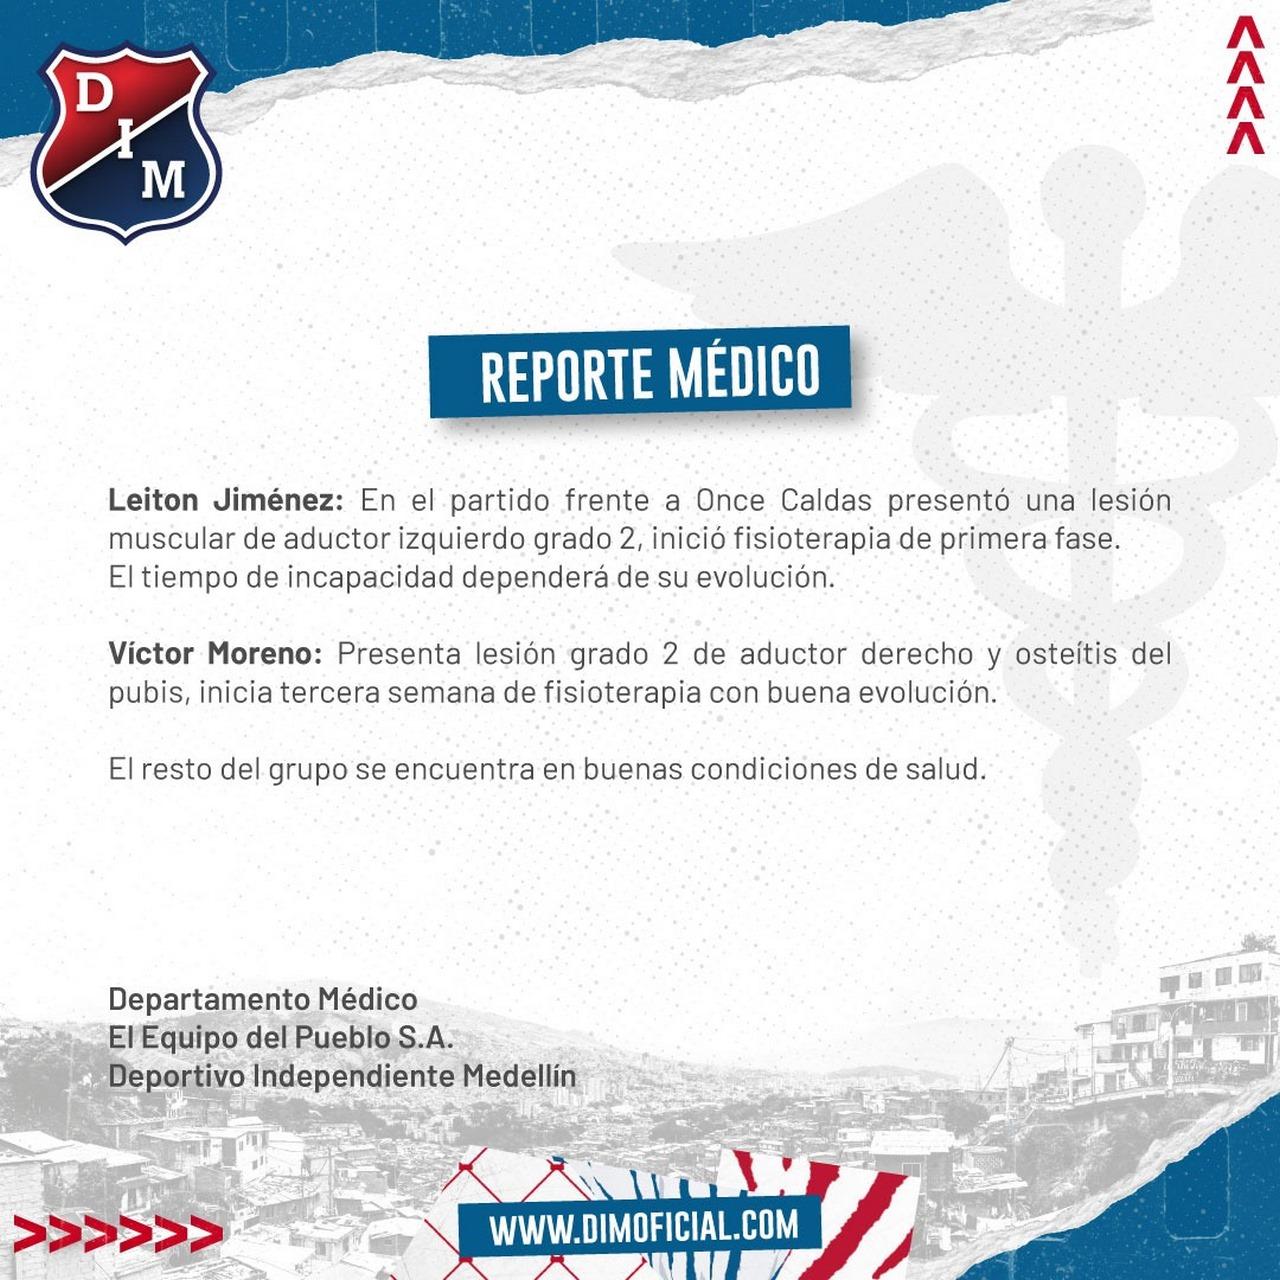 Reporte medico Medellin I